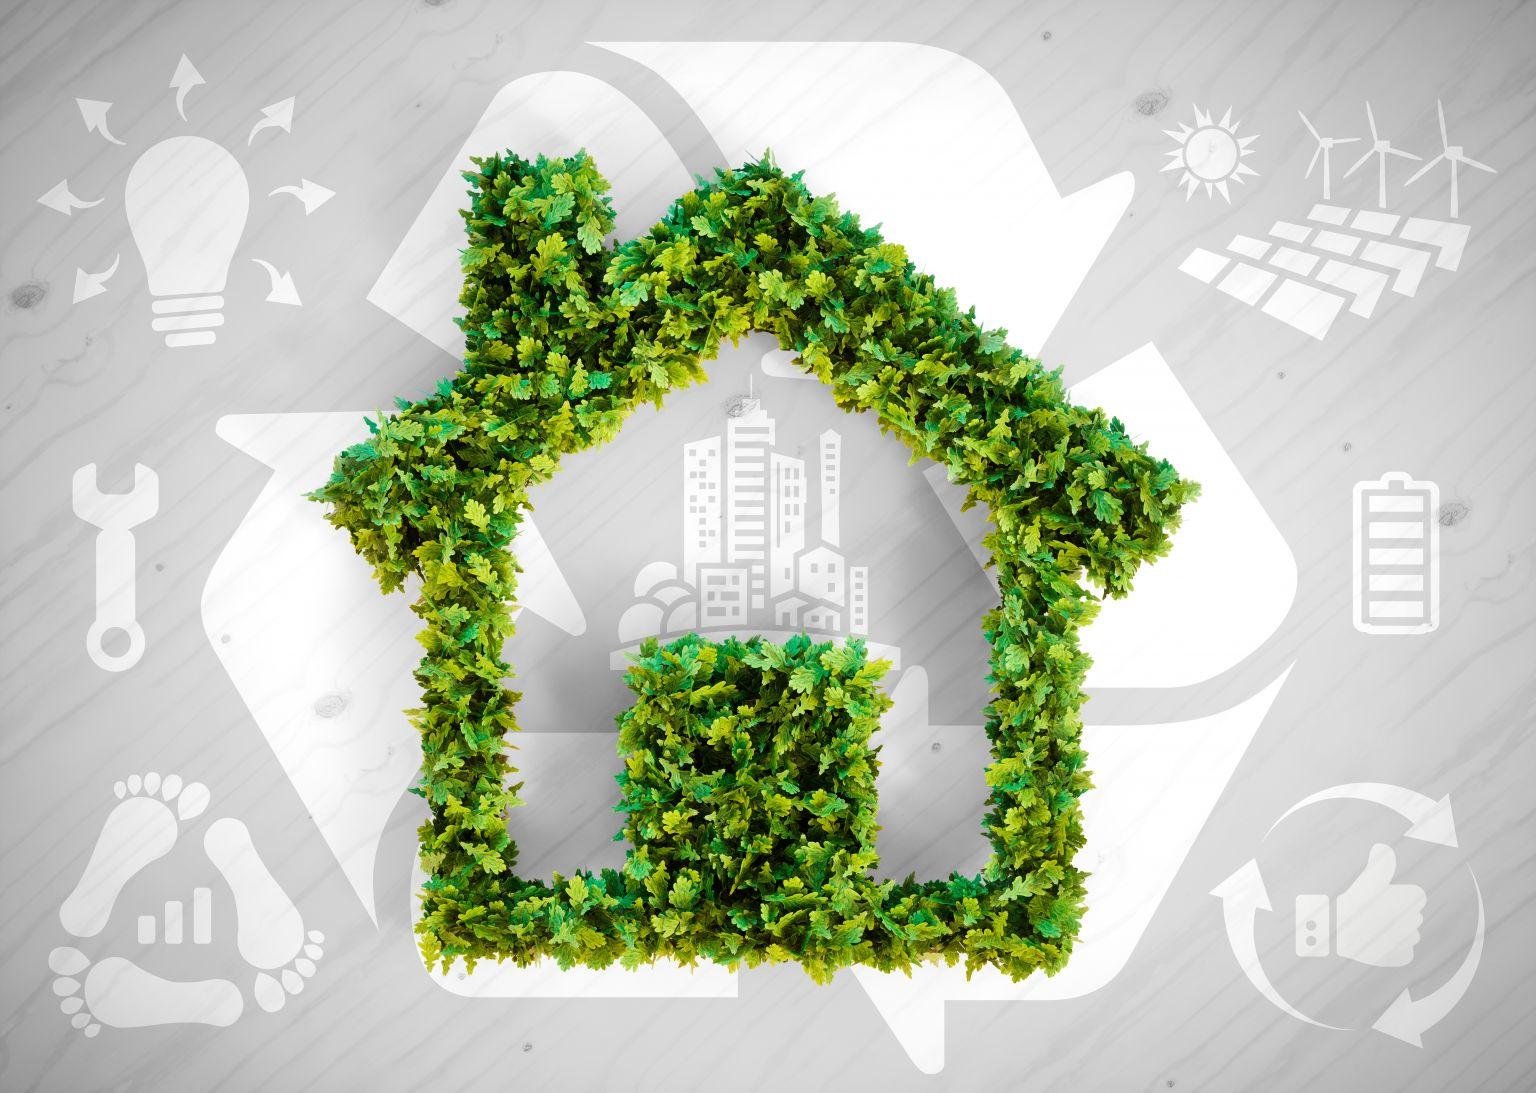 Studie: Klimaziele nur durch massiven Wohnungsneubau zu erreichen